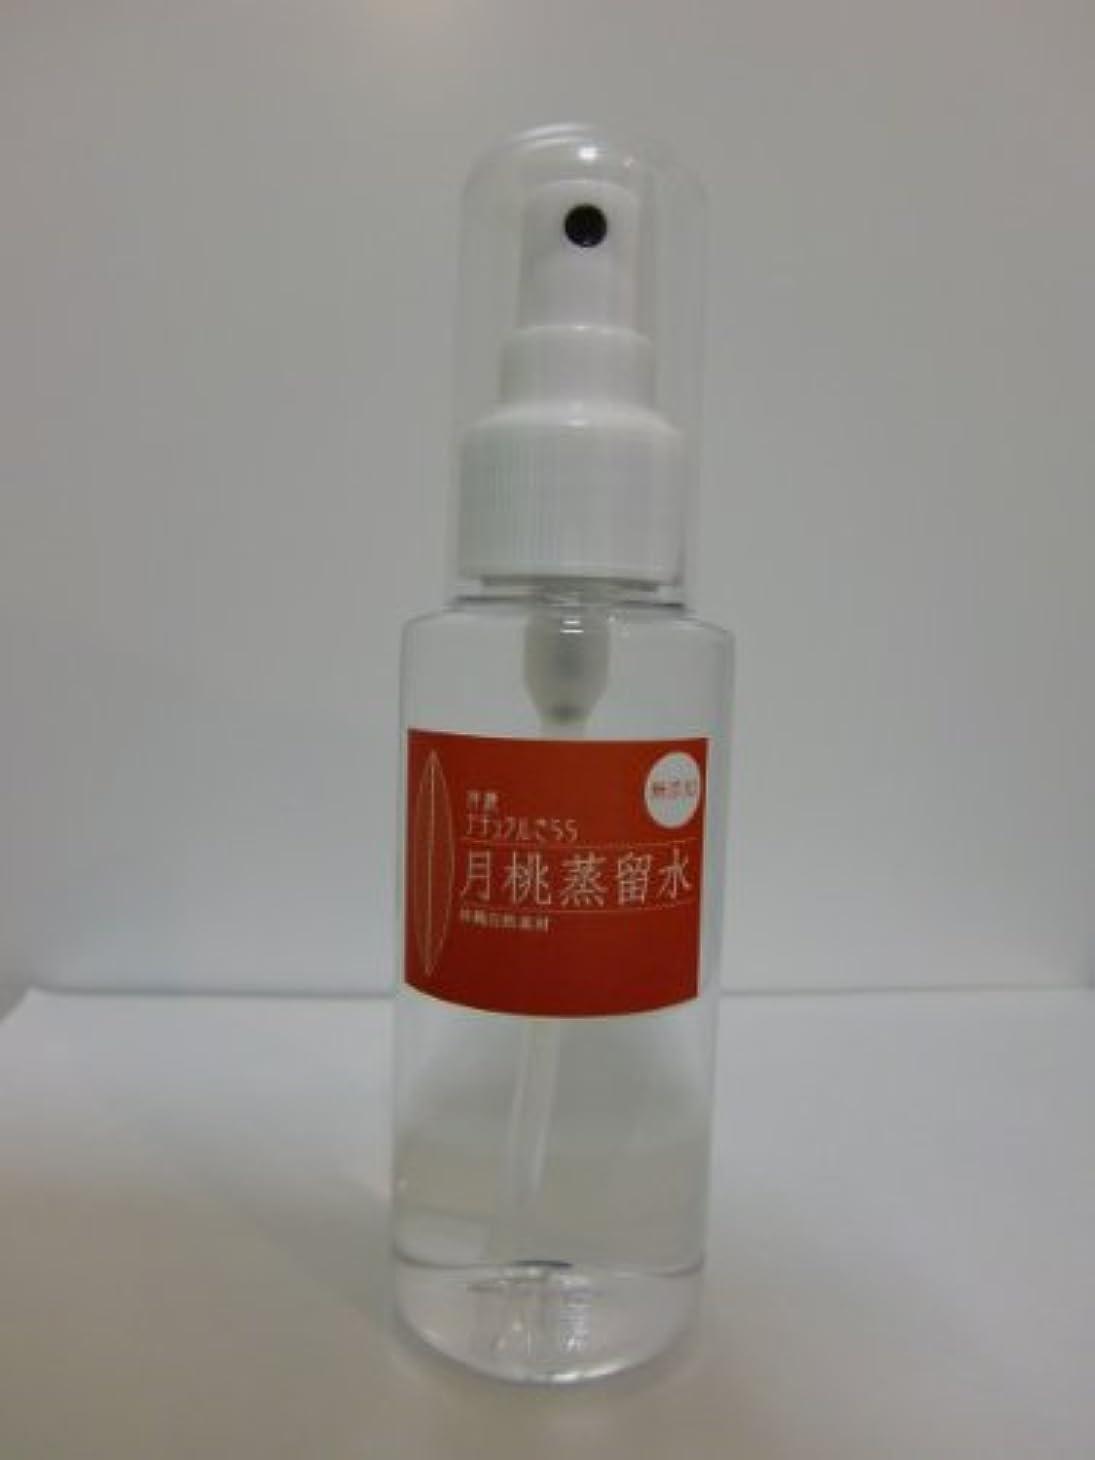 同級生稚魚フォーマット★お買い得11個セット!新?月桃蒸留水(500ml)